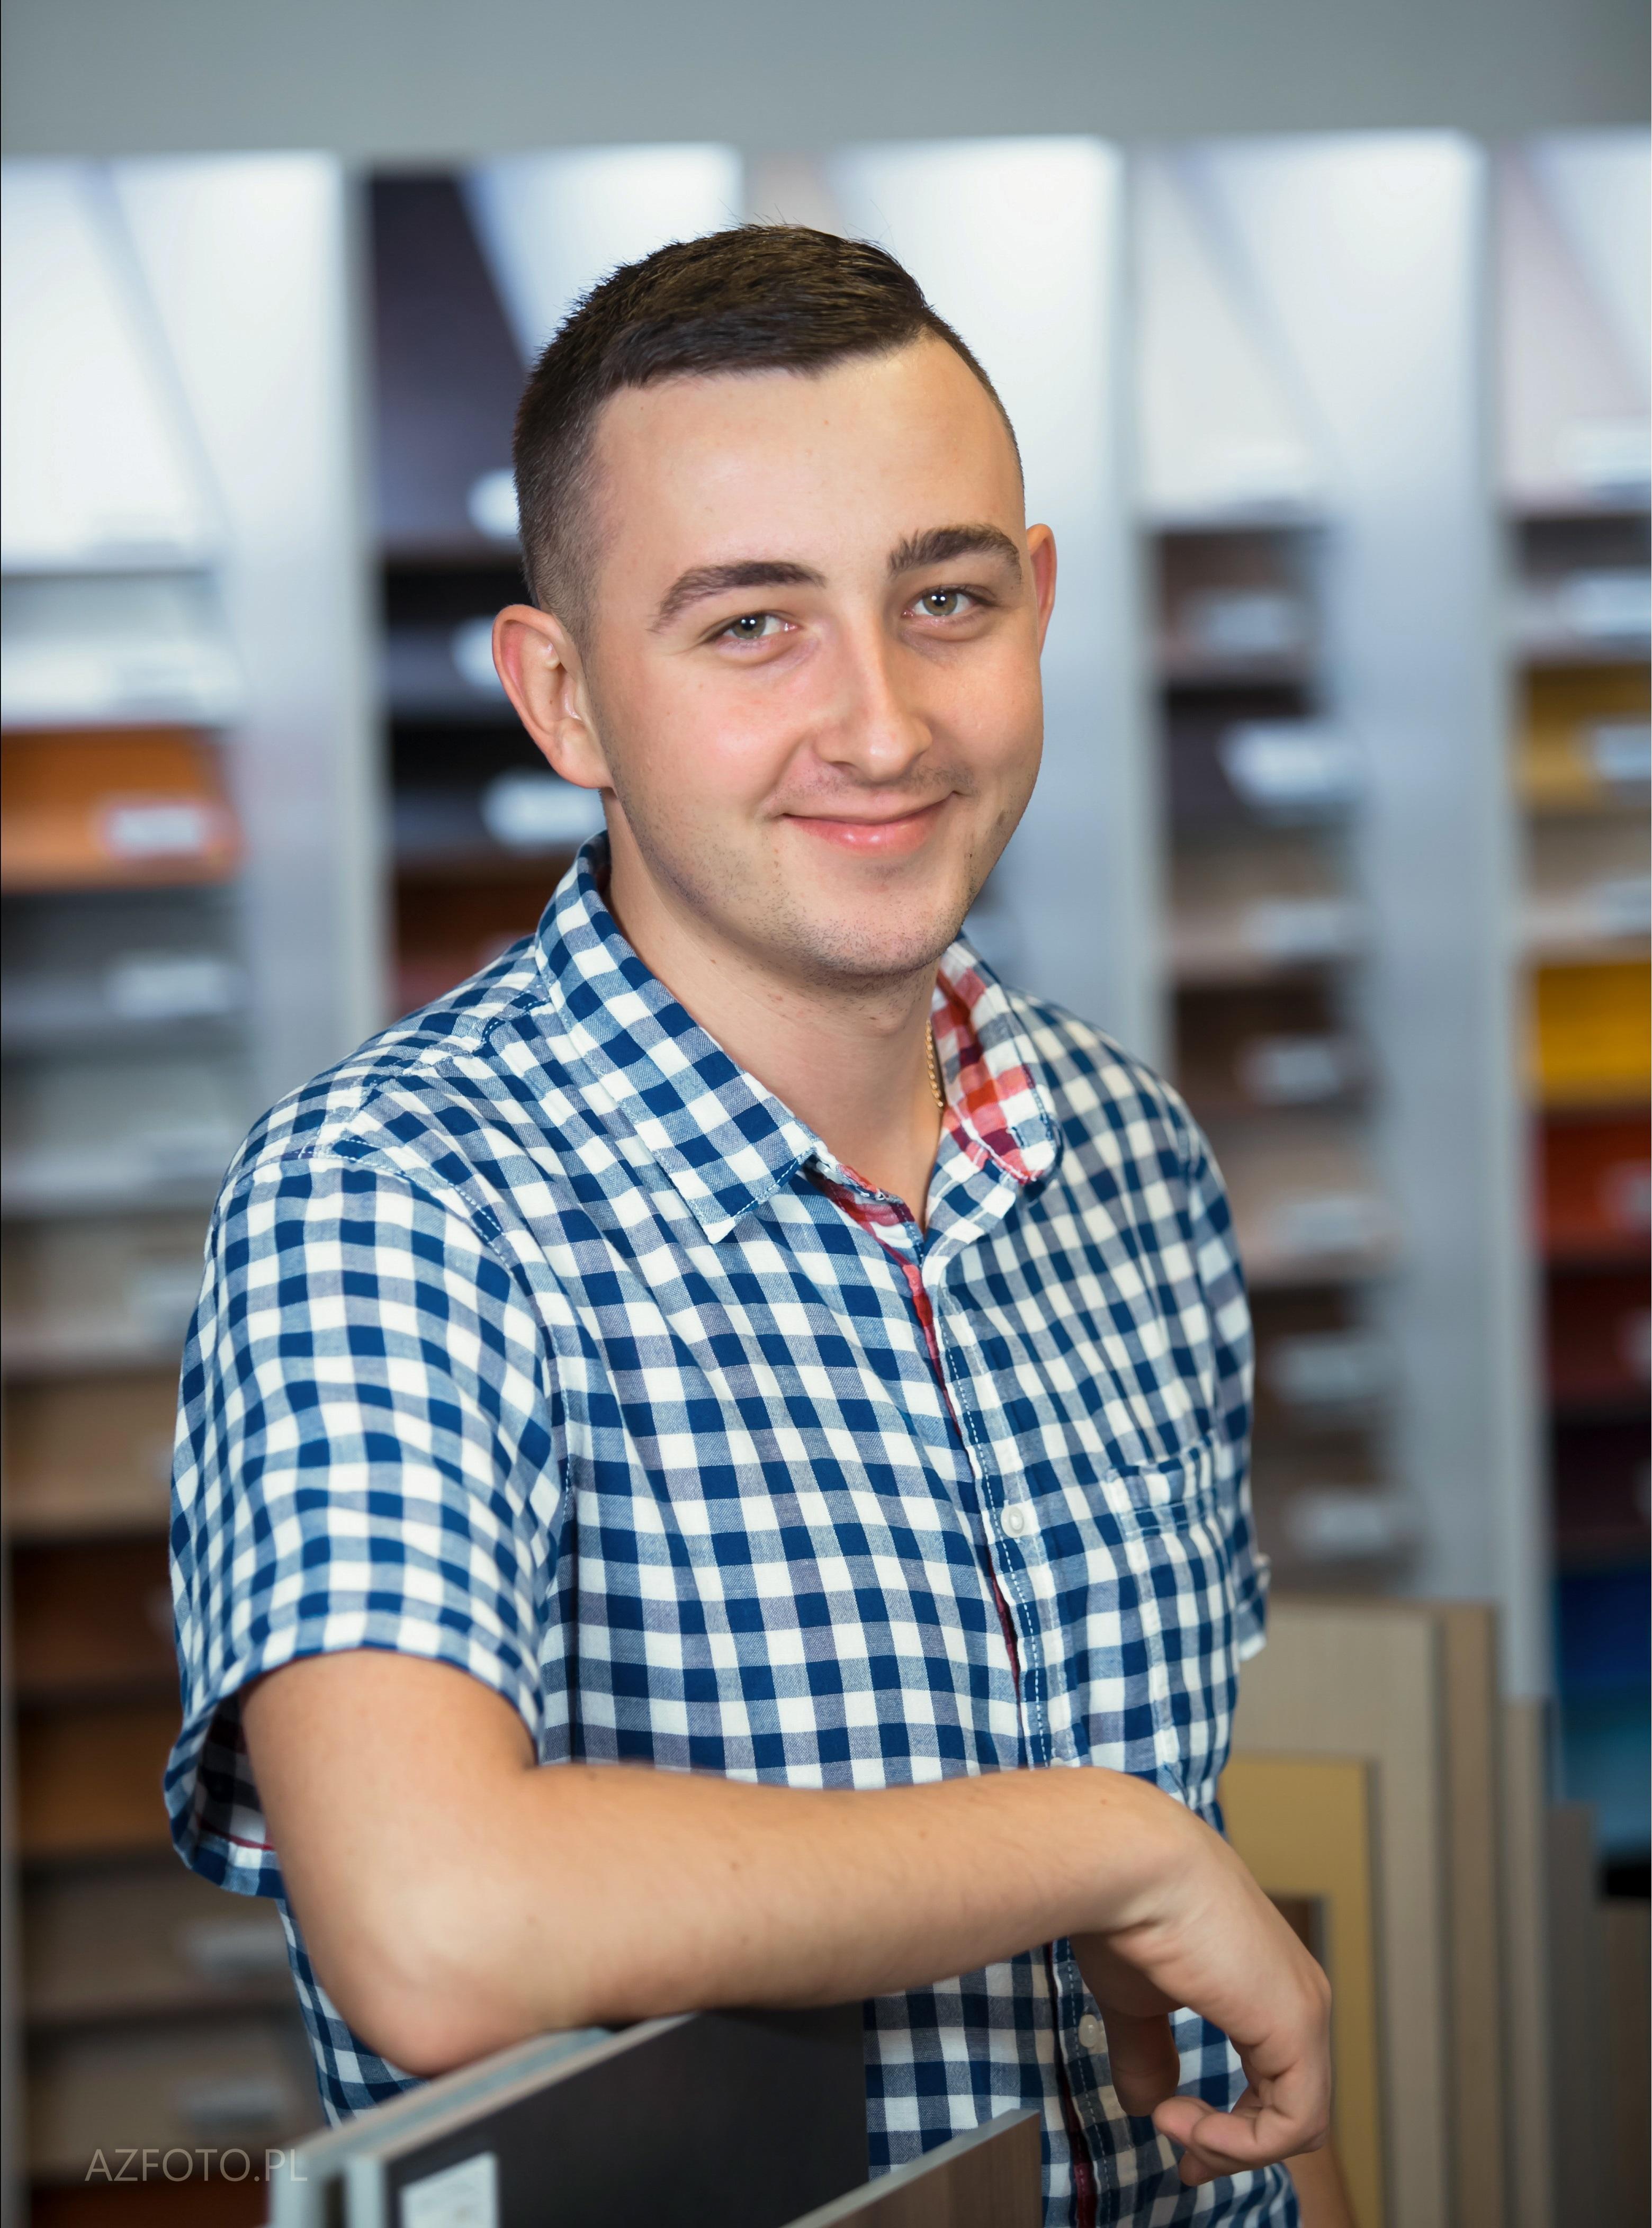 Krystian Przyborowski